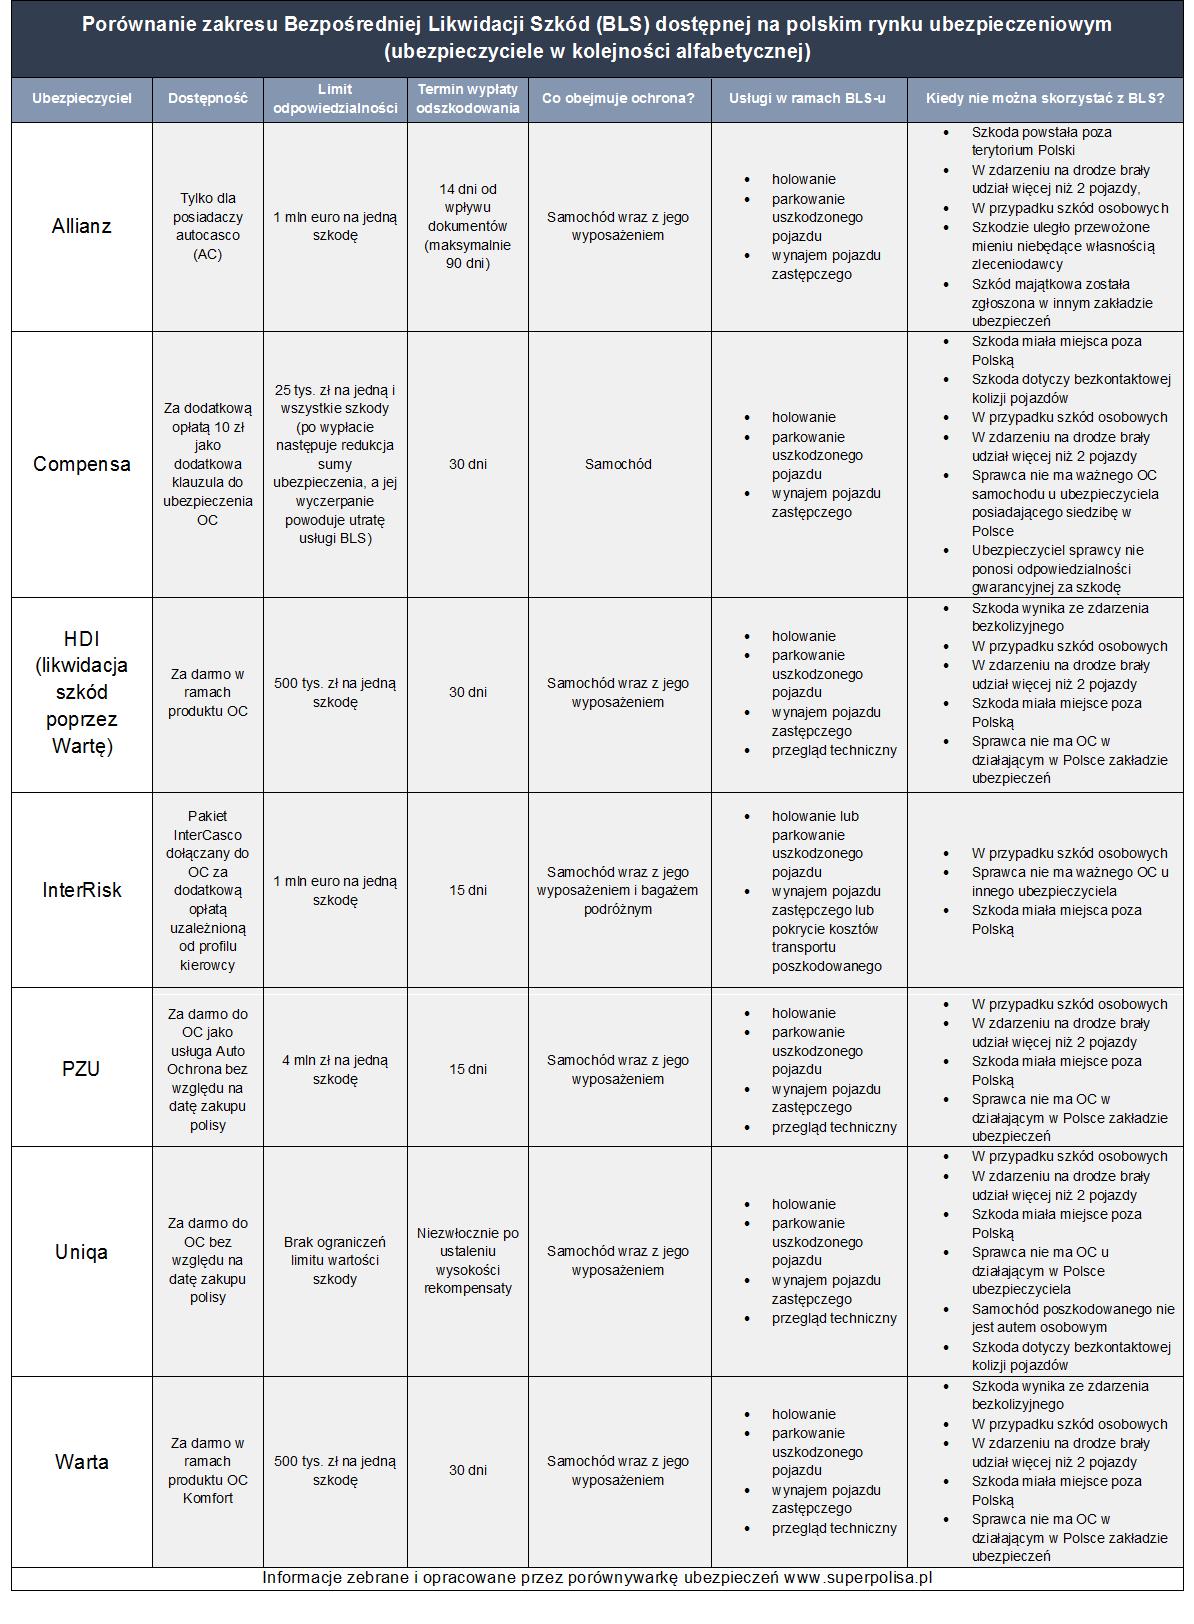 3. Tabela BLS